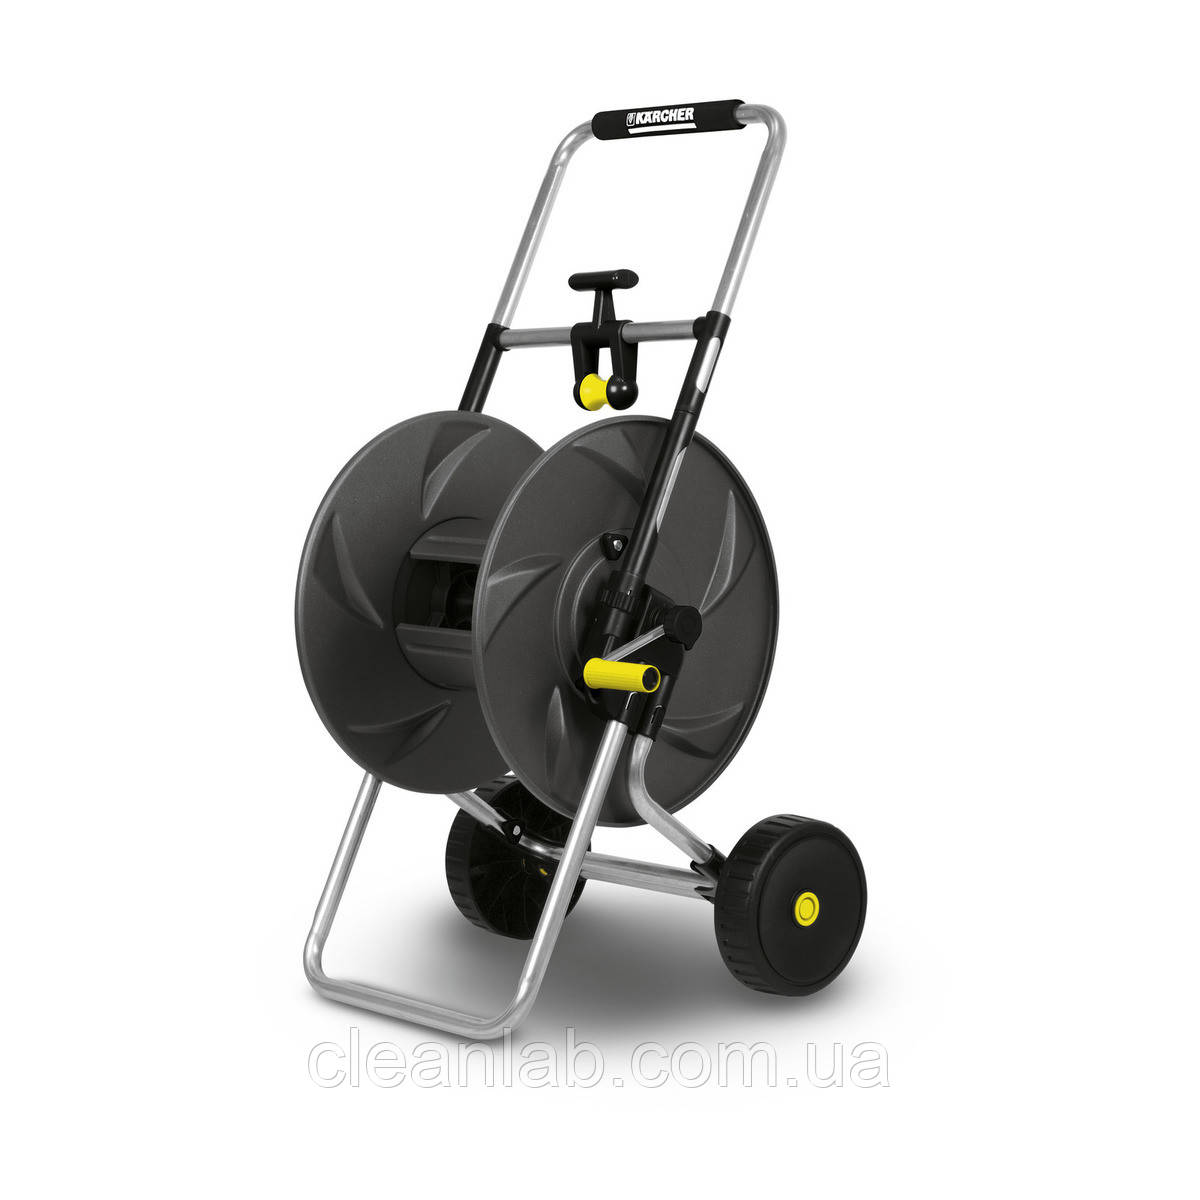 Металлическая тележка для шлангов Karcher  HT80